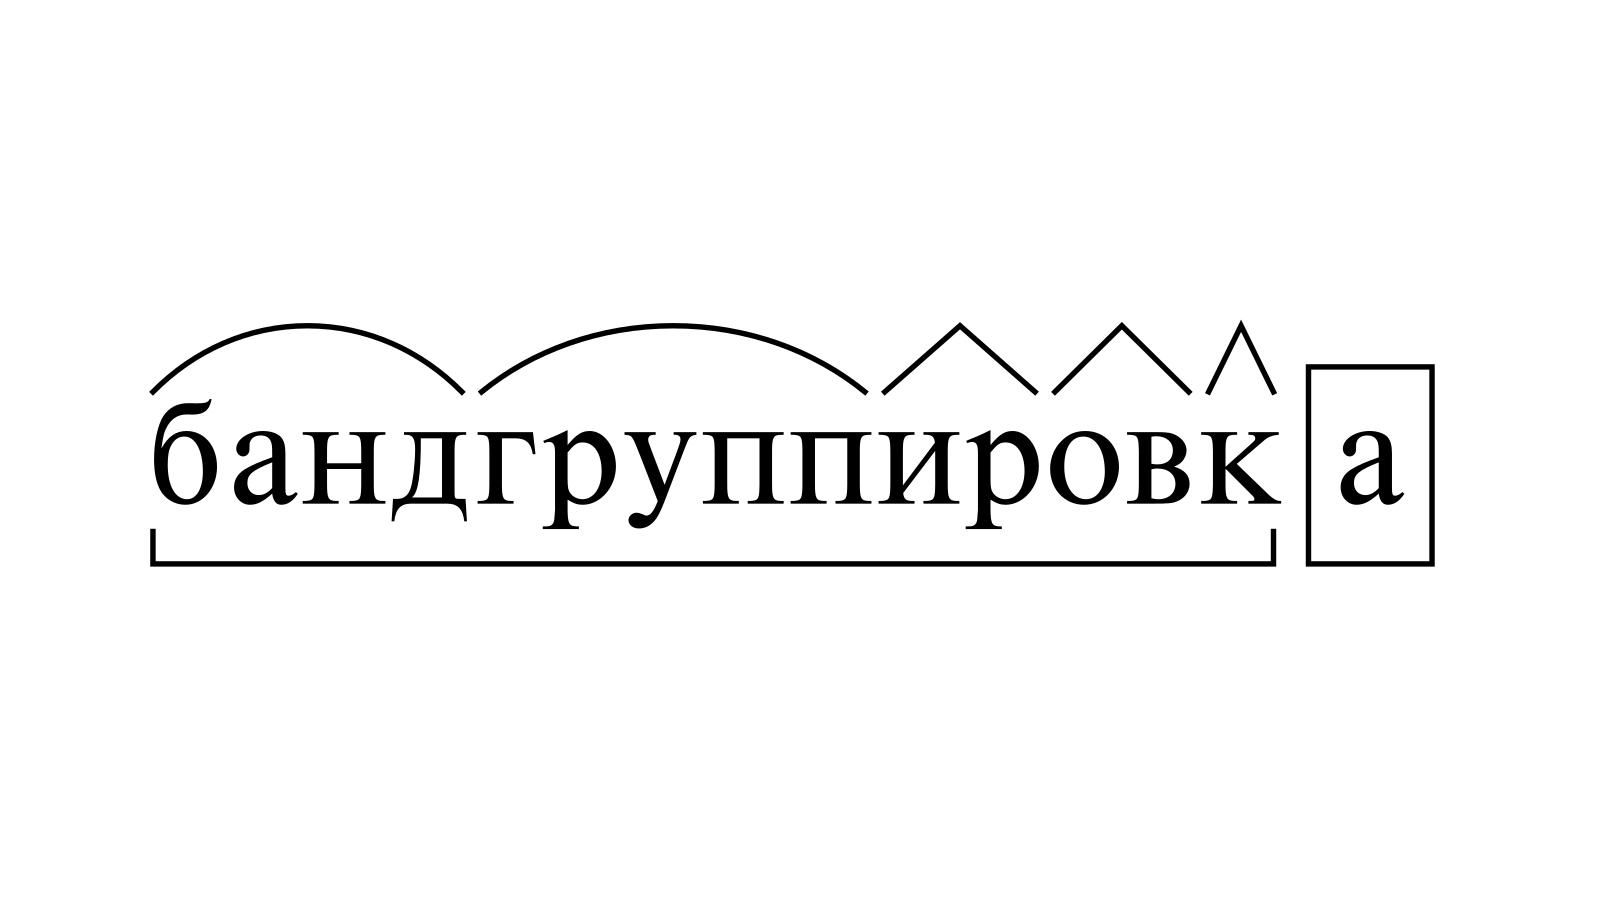 Разбор слова «бандгруппировка» по составу